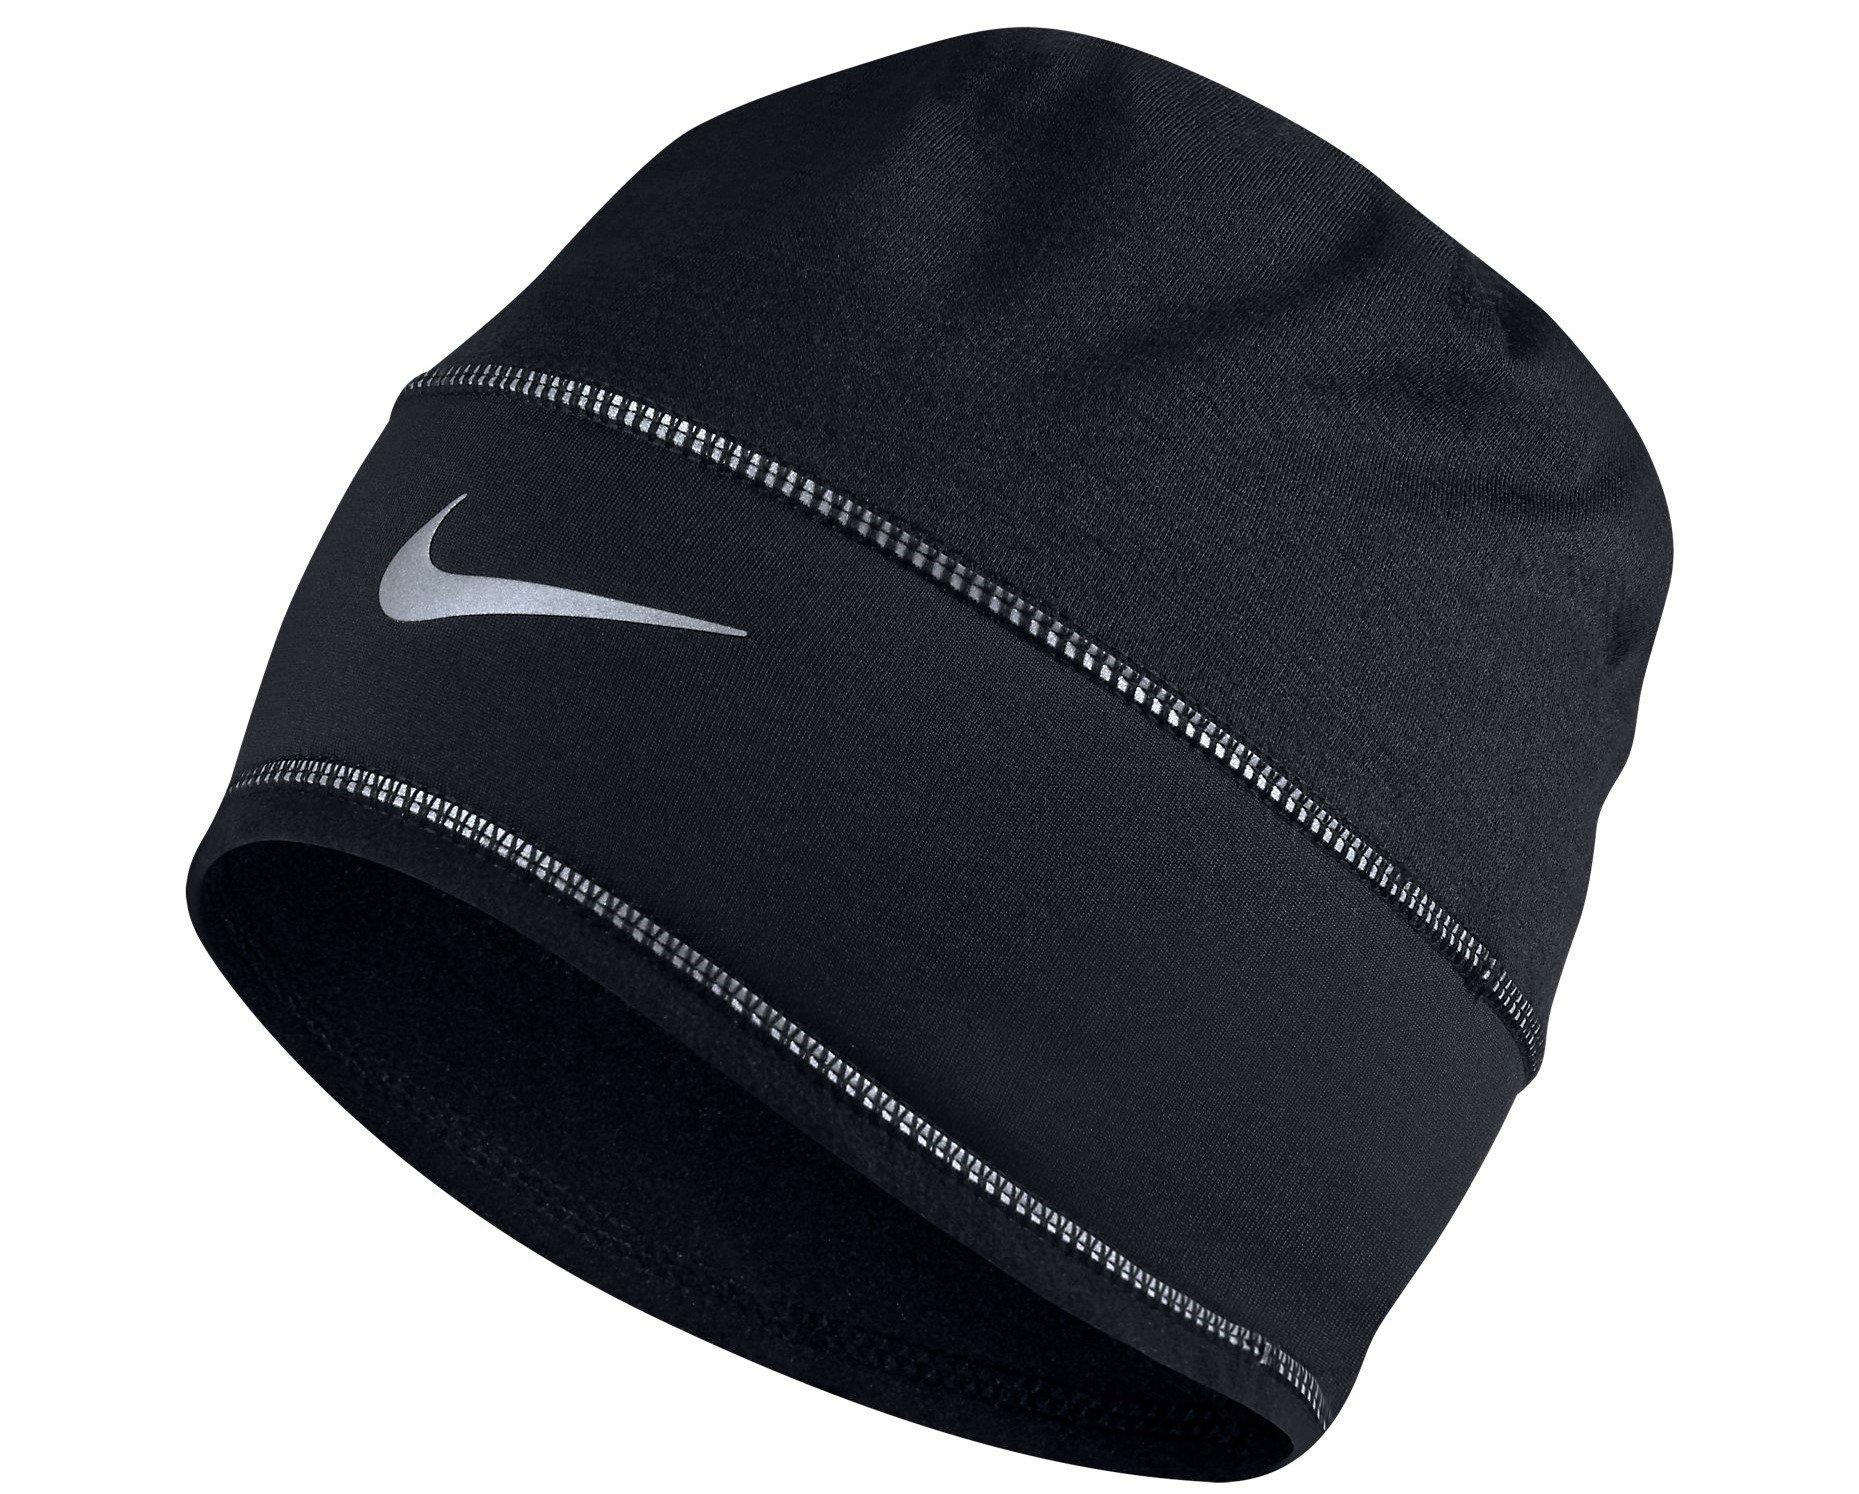 Čepice Nike Beanie Skully Run